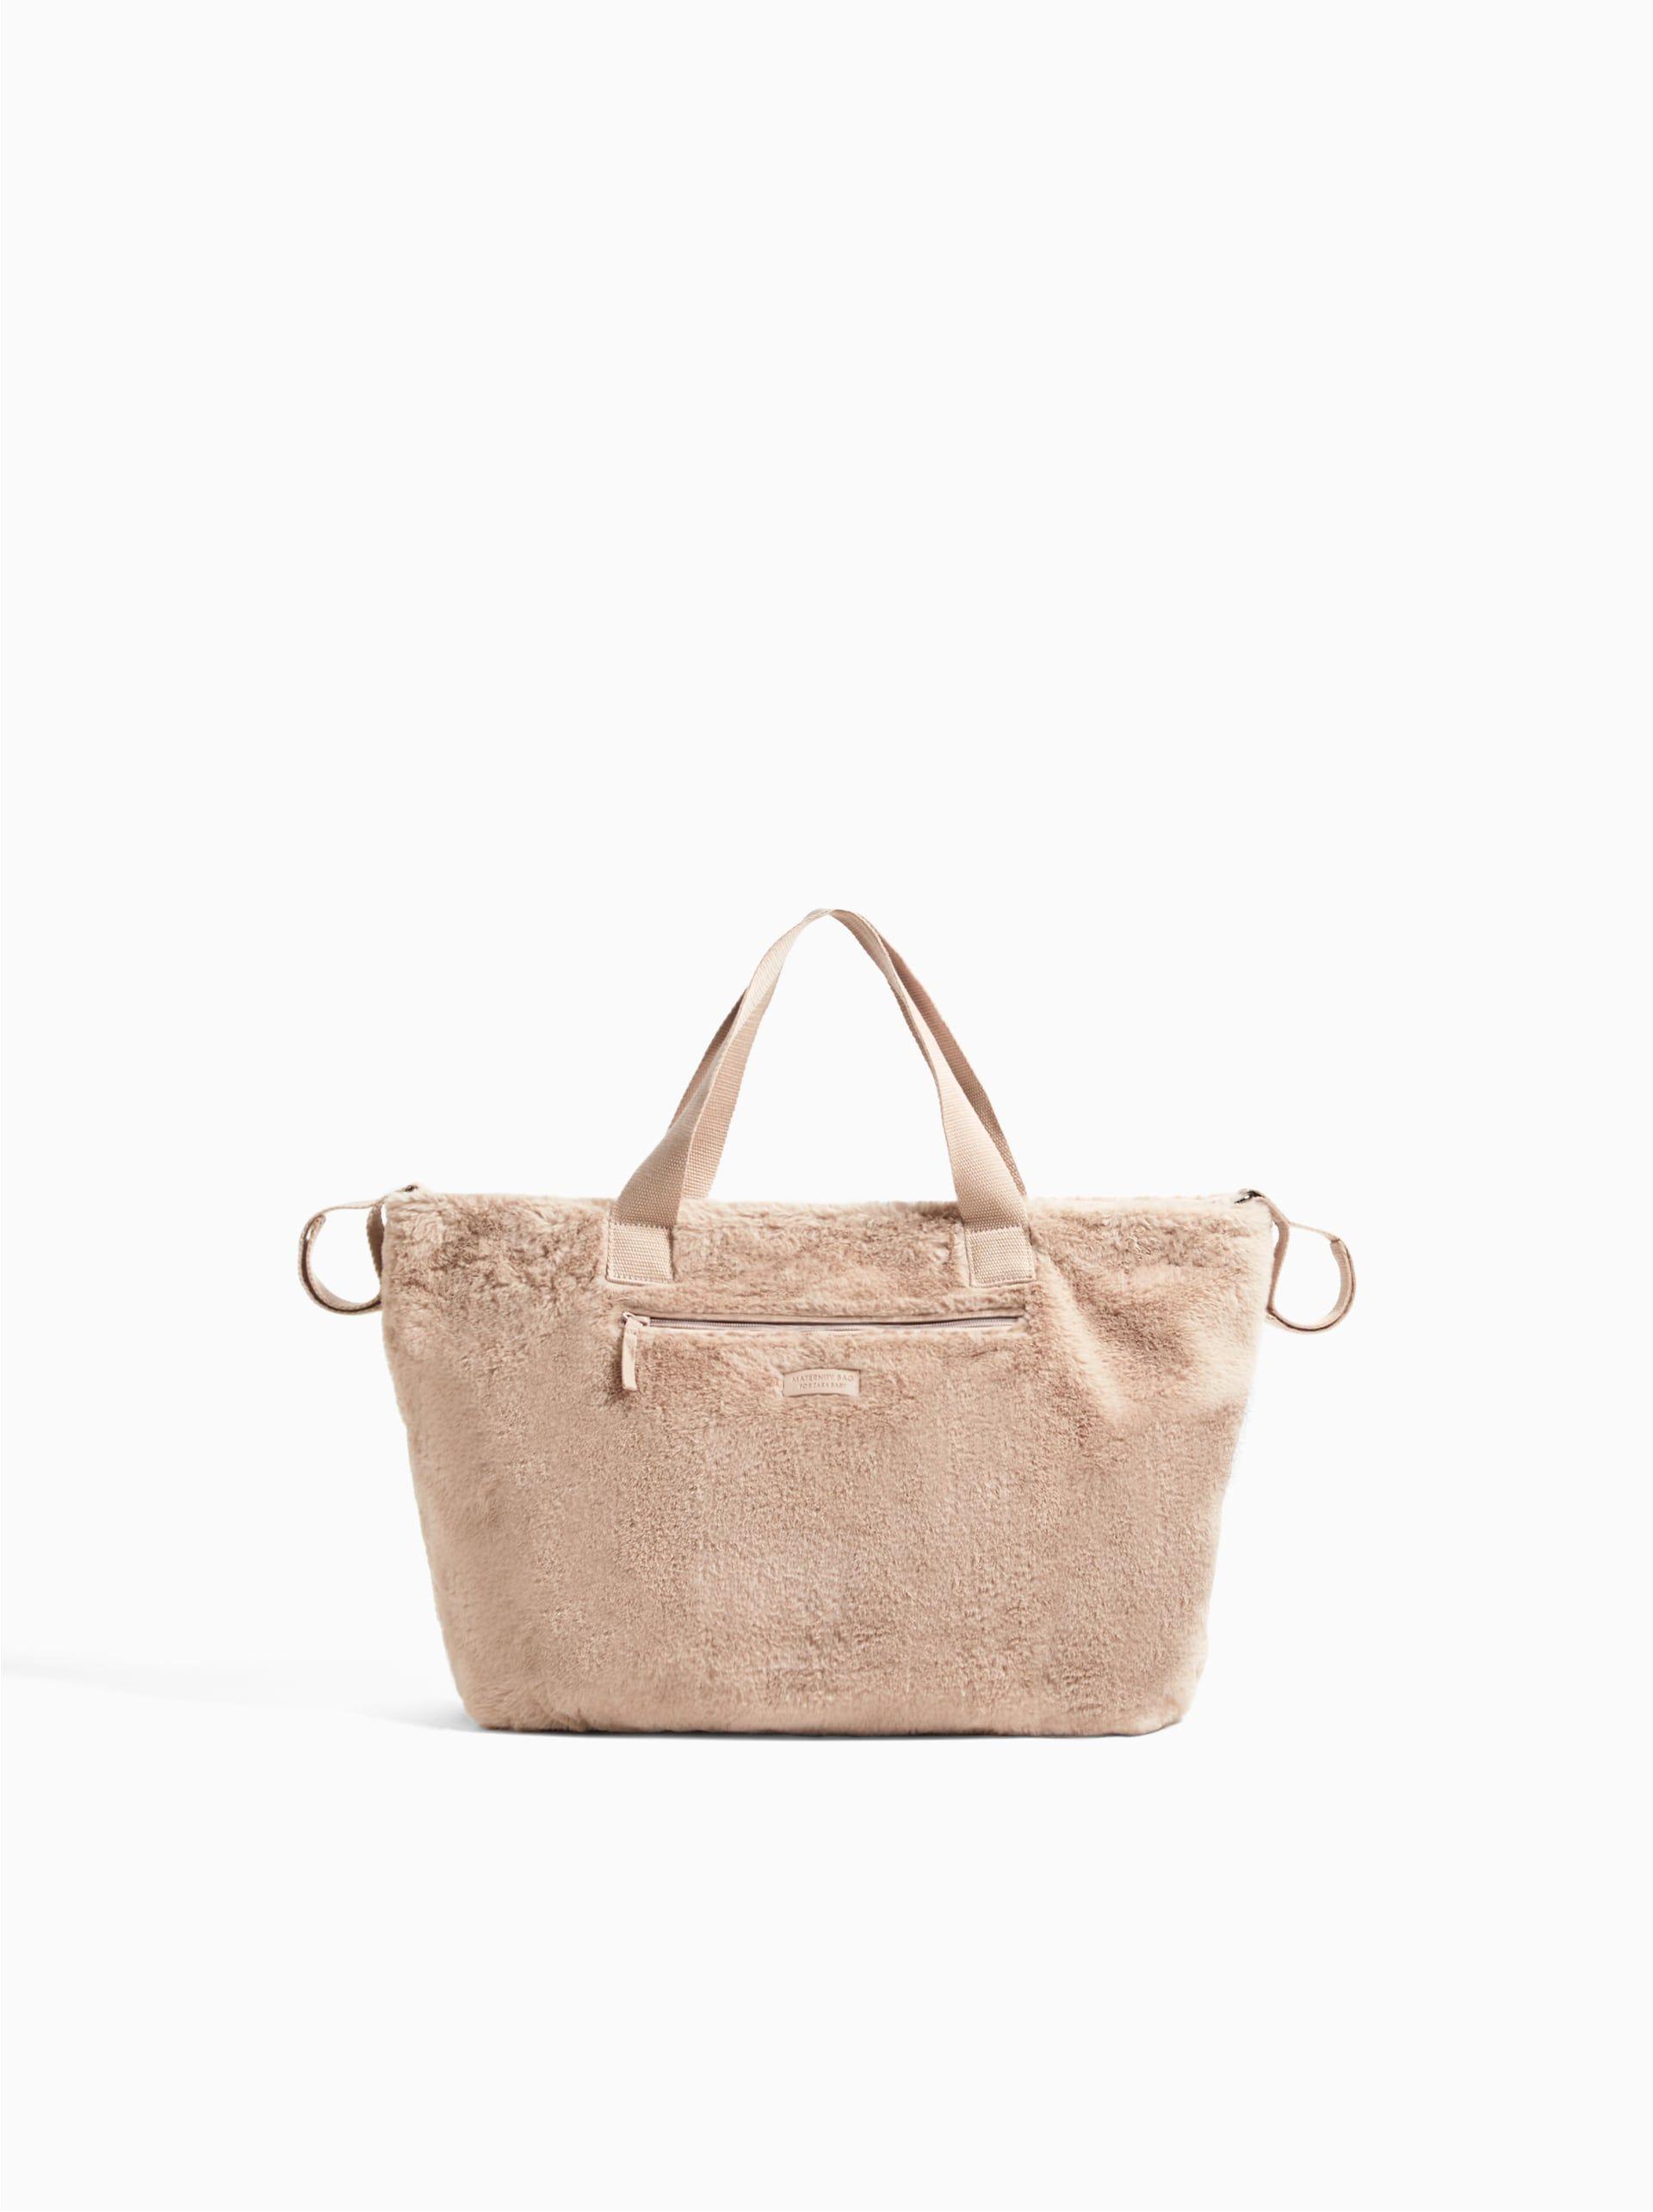 variété de dessins et de couleurs offre spéciale Promotion de ventes MATERNITY | for baby | Bags, Reusable tote bags et Tote Bag